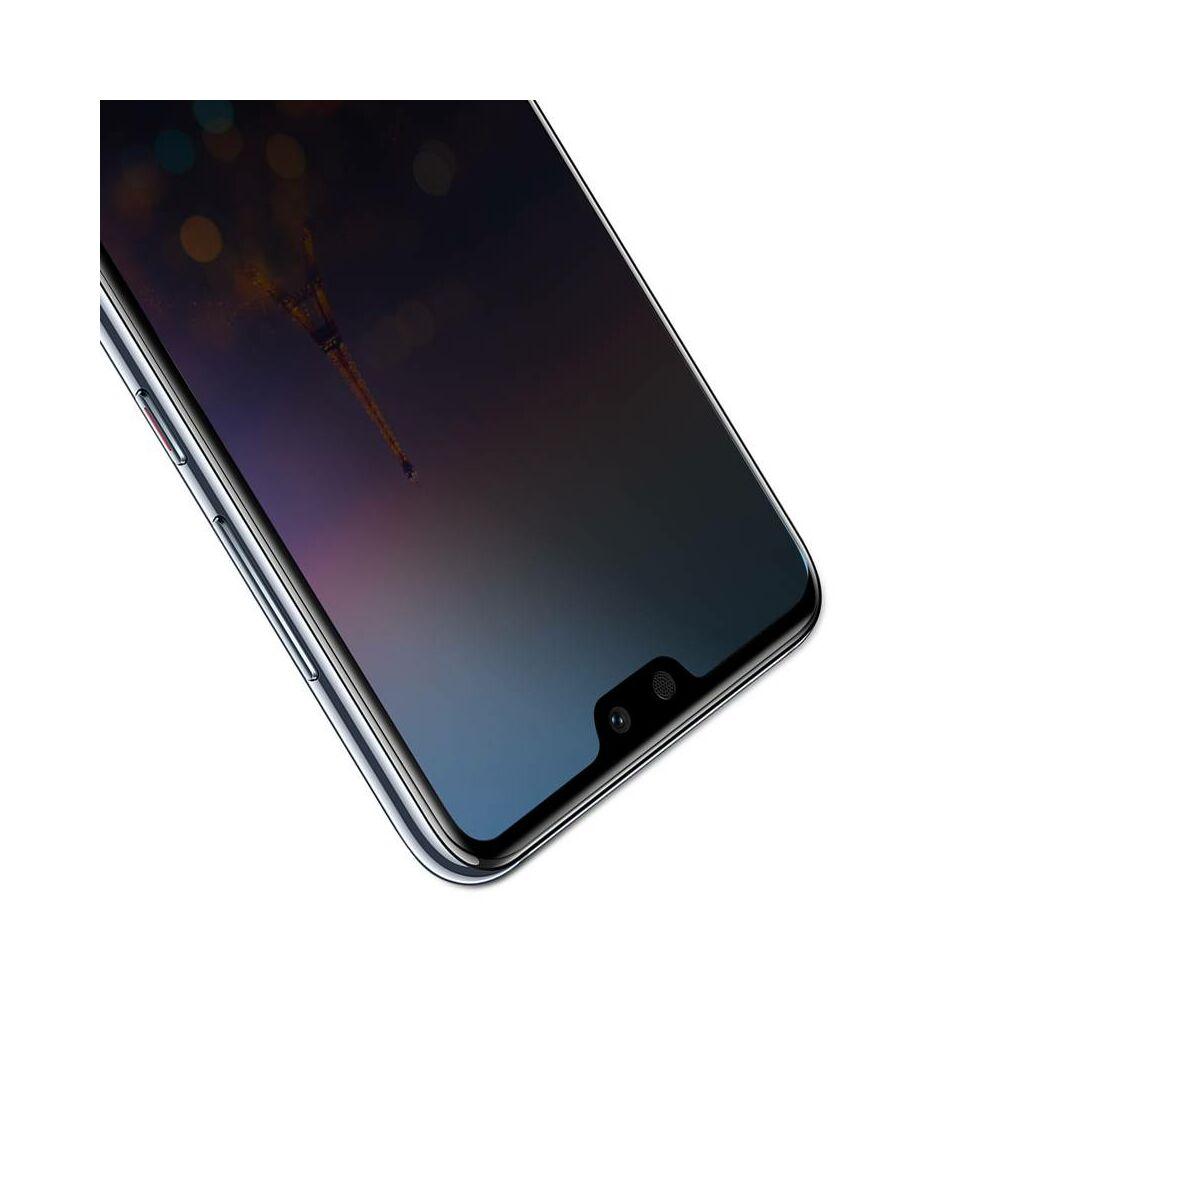 Baseus Huawei P20 Pro 0.3 mm, Anti-spy edzett üveg kijelzővédő fólia, fekete (SGHWP20P-TG01)